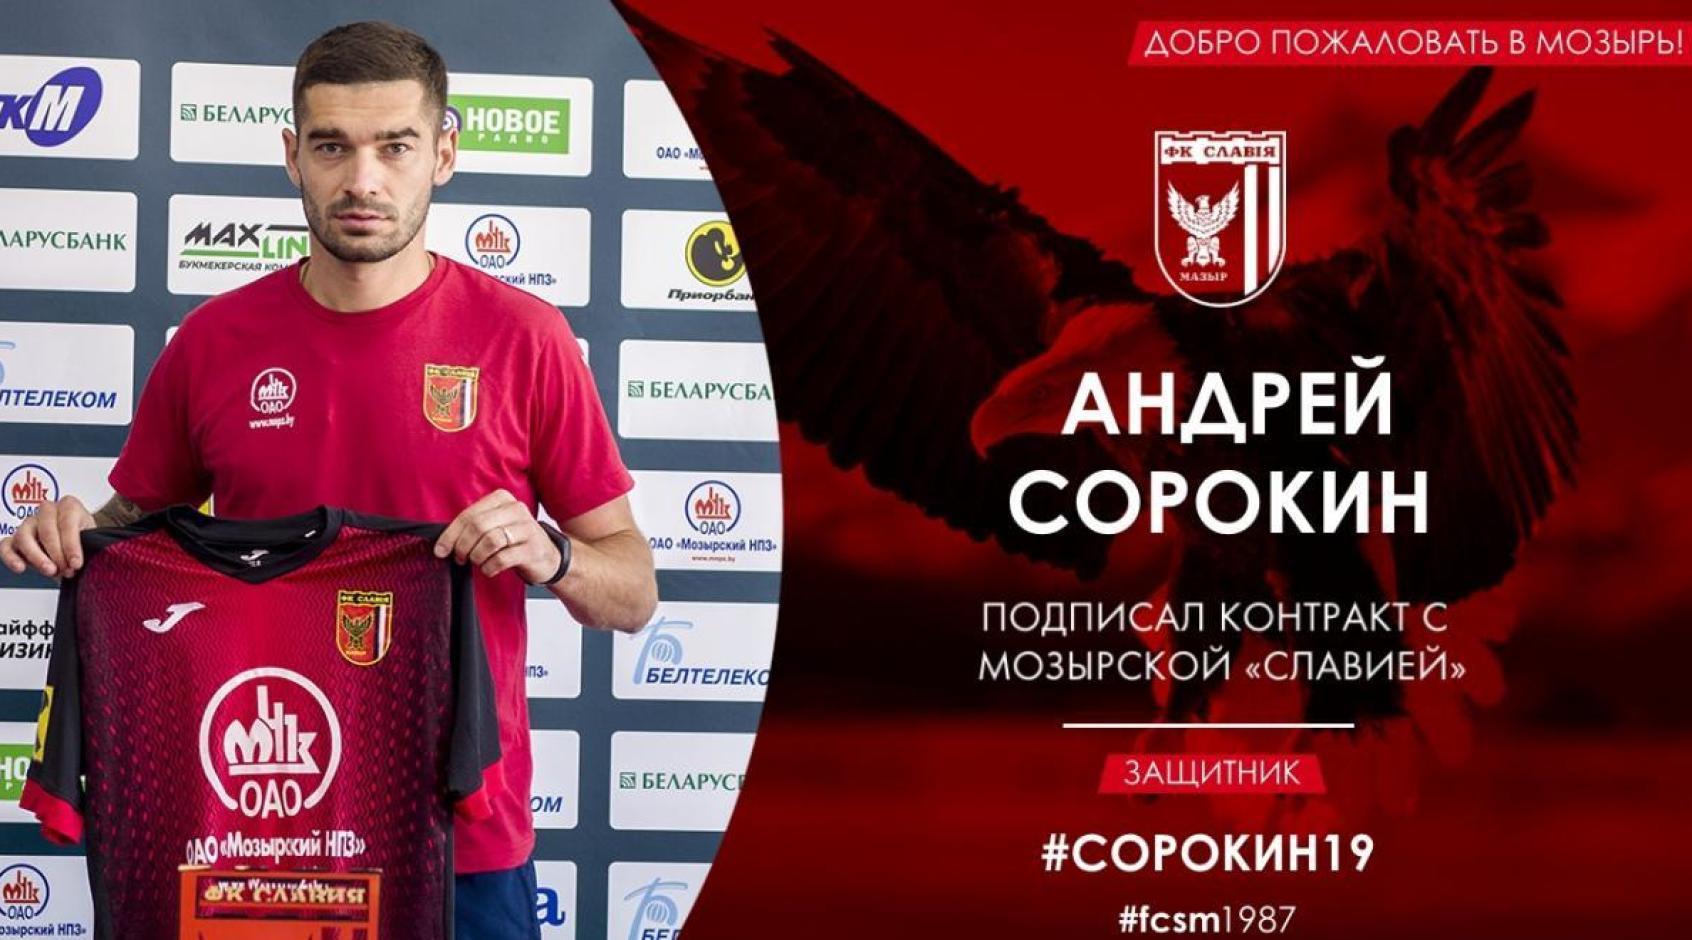 """Официально: Андрей Сорокин стал игроком """"Славии"""" (Мозырь)"""